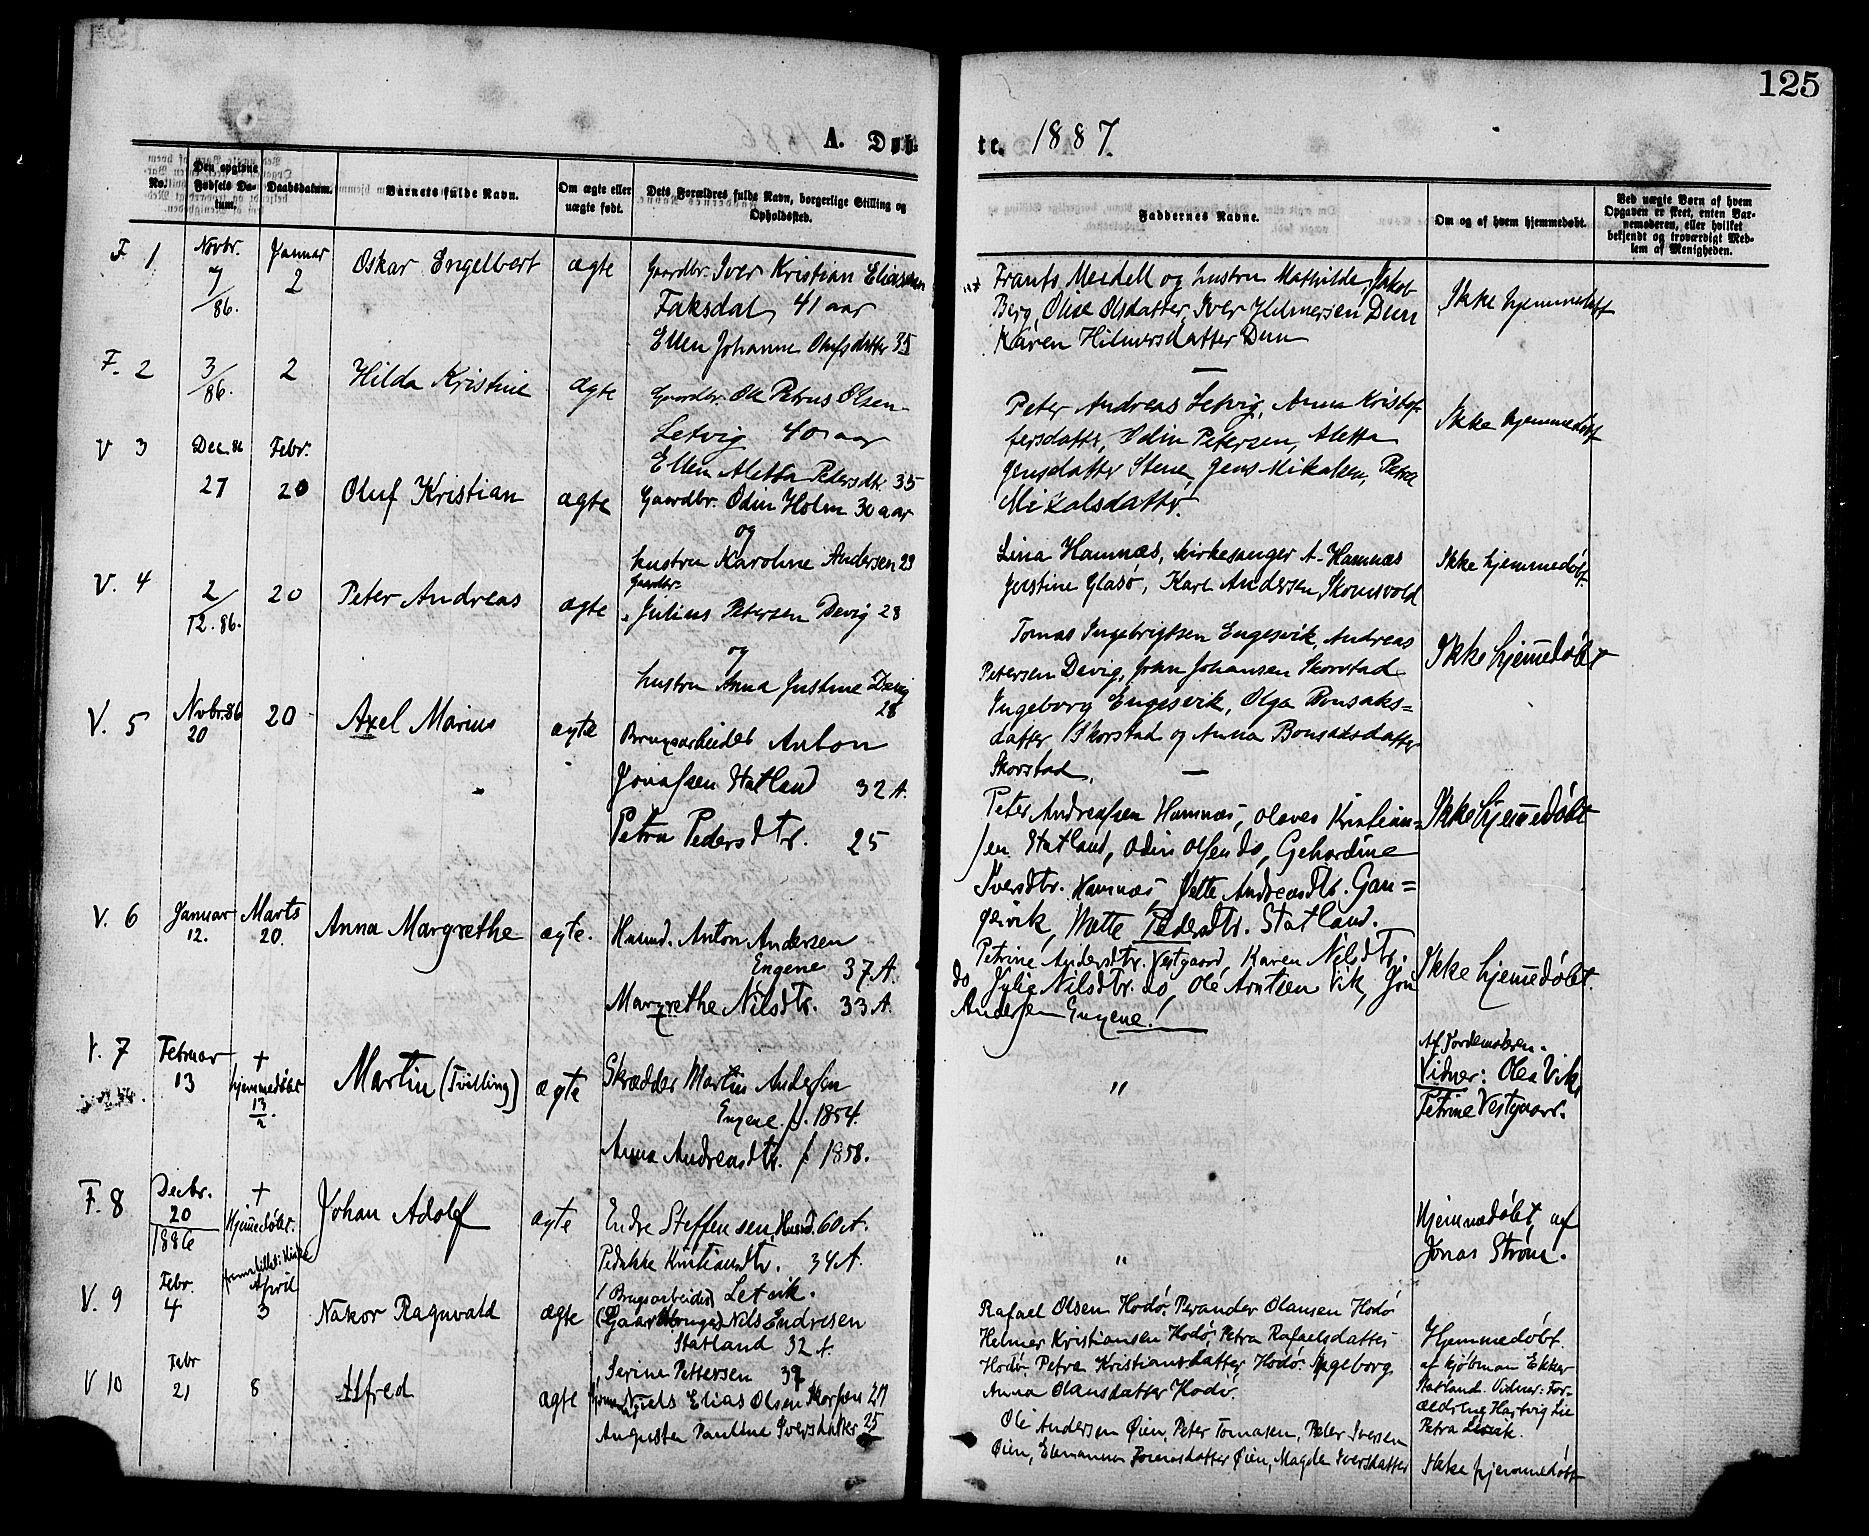 SAT, Ministerialprotokoller, klokkerbøker og fødselsregistre - Nord-Trøndelag, 773/L0616: Ministerialbok nr. 773A07, 1870-1887, s. 125